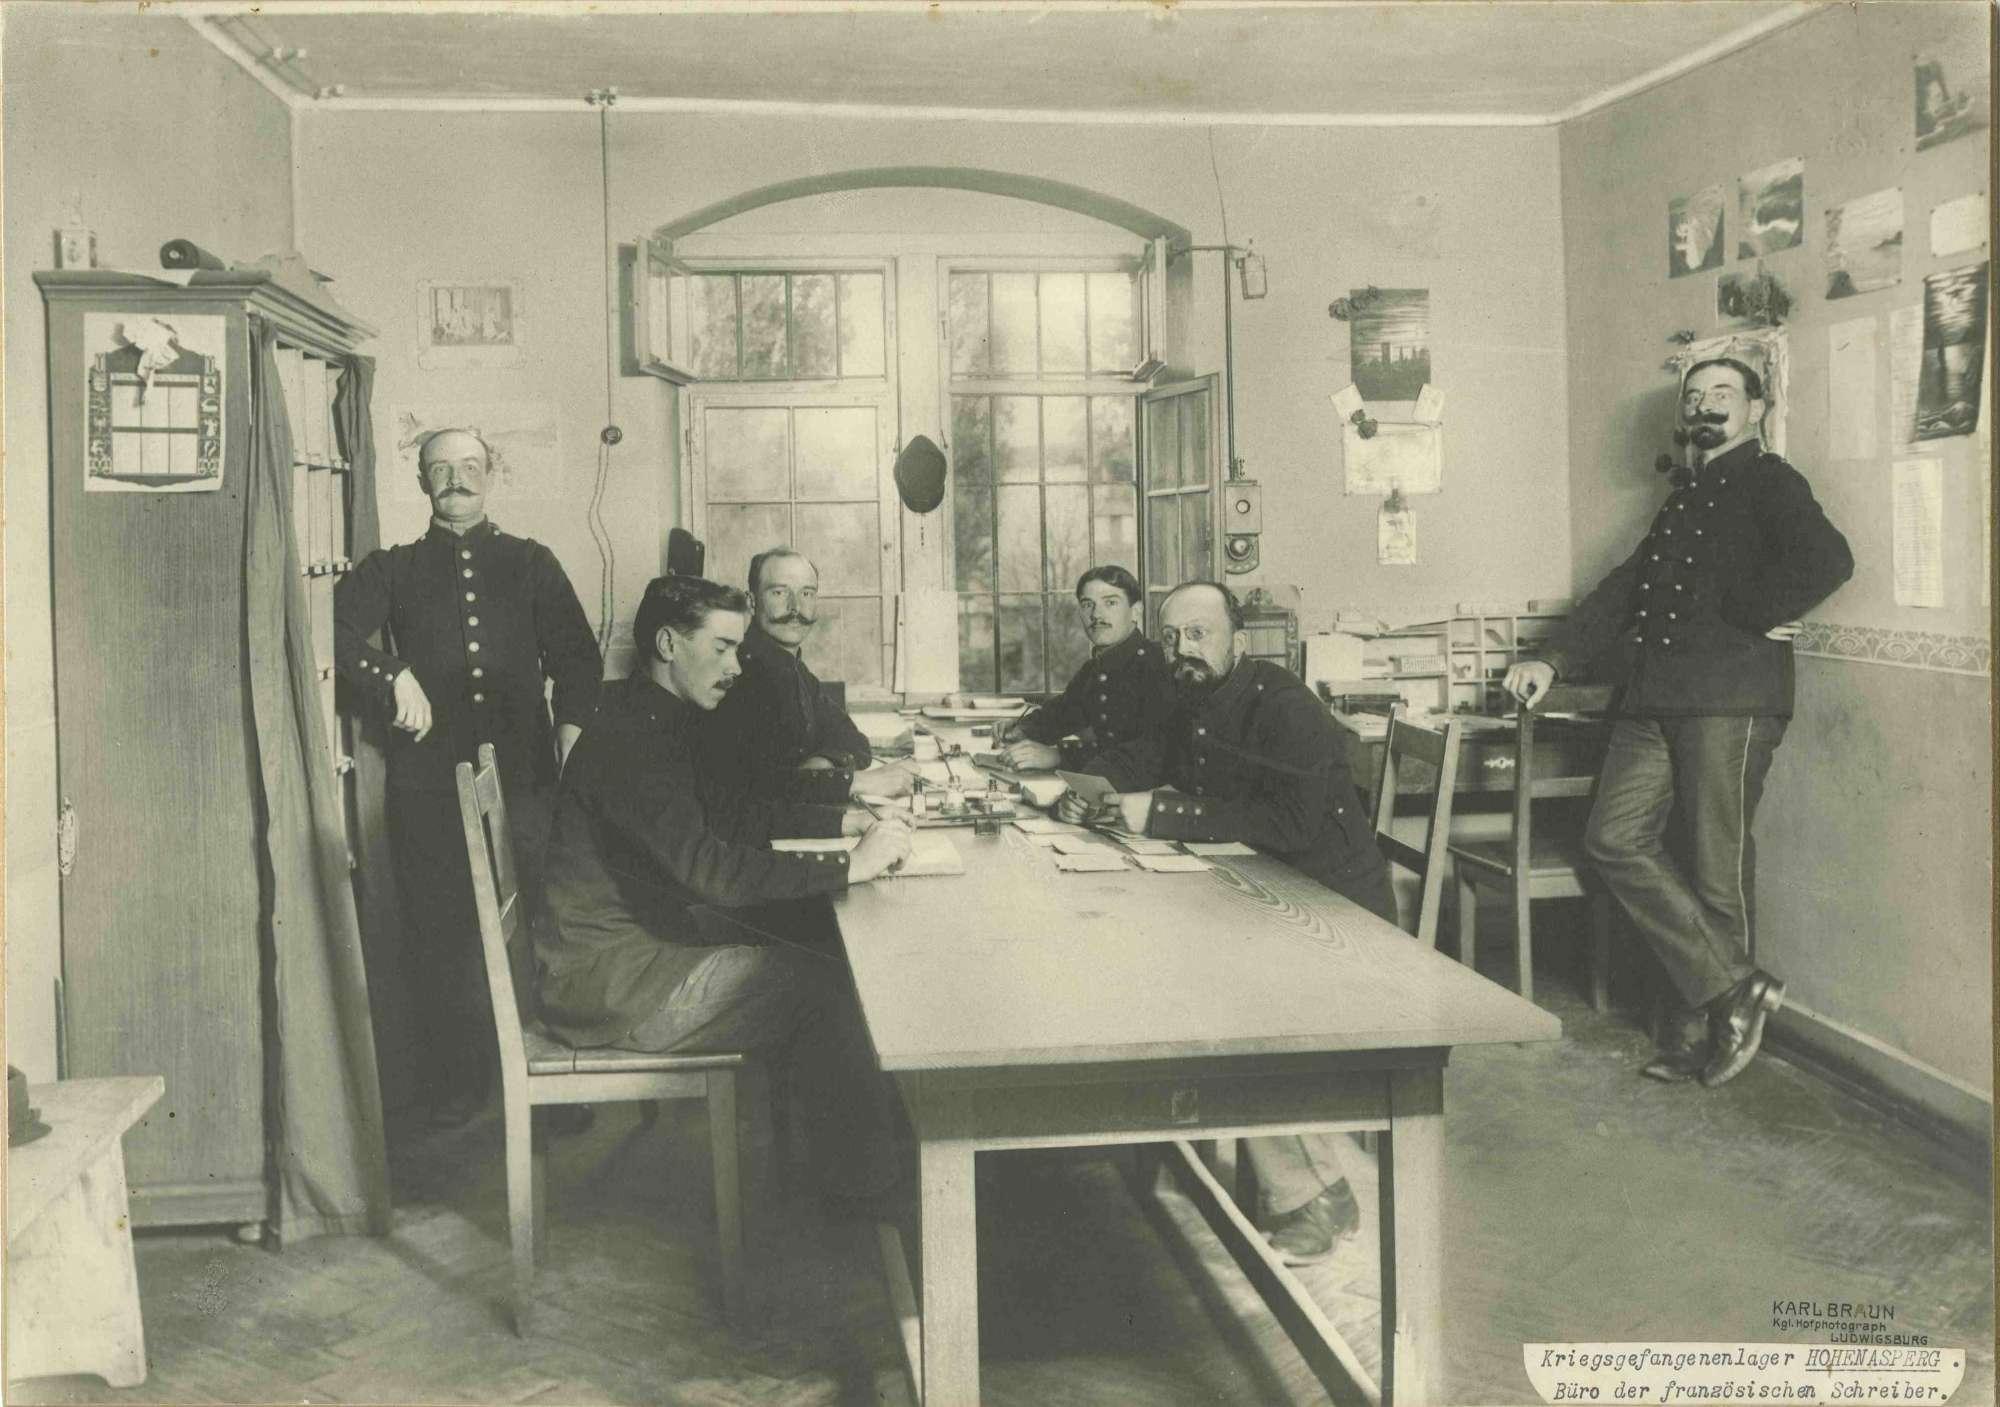 Sechs Kriegsgefangene im Büro der französischen Schreiber im Kriegsgefangenenlager Hohenasperg, Bild 1